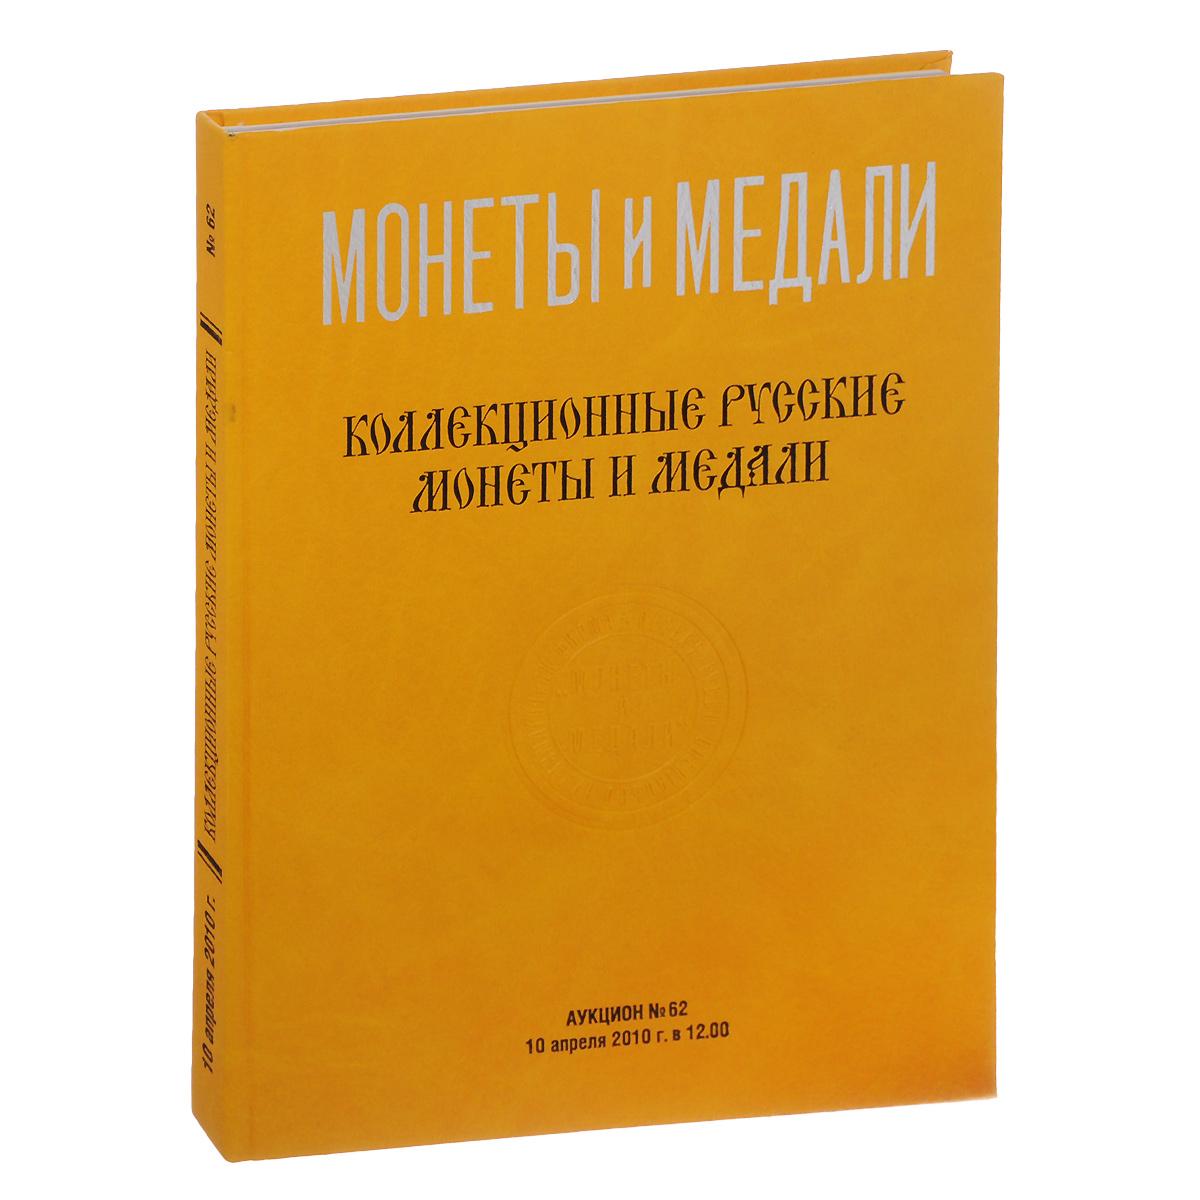 Аукцион №62. Коллекционные русские монеты и медали диваны угловые раскладные каталог и цены